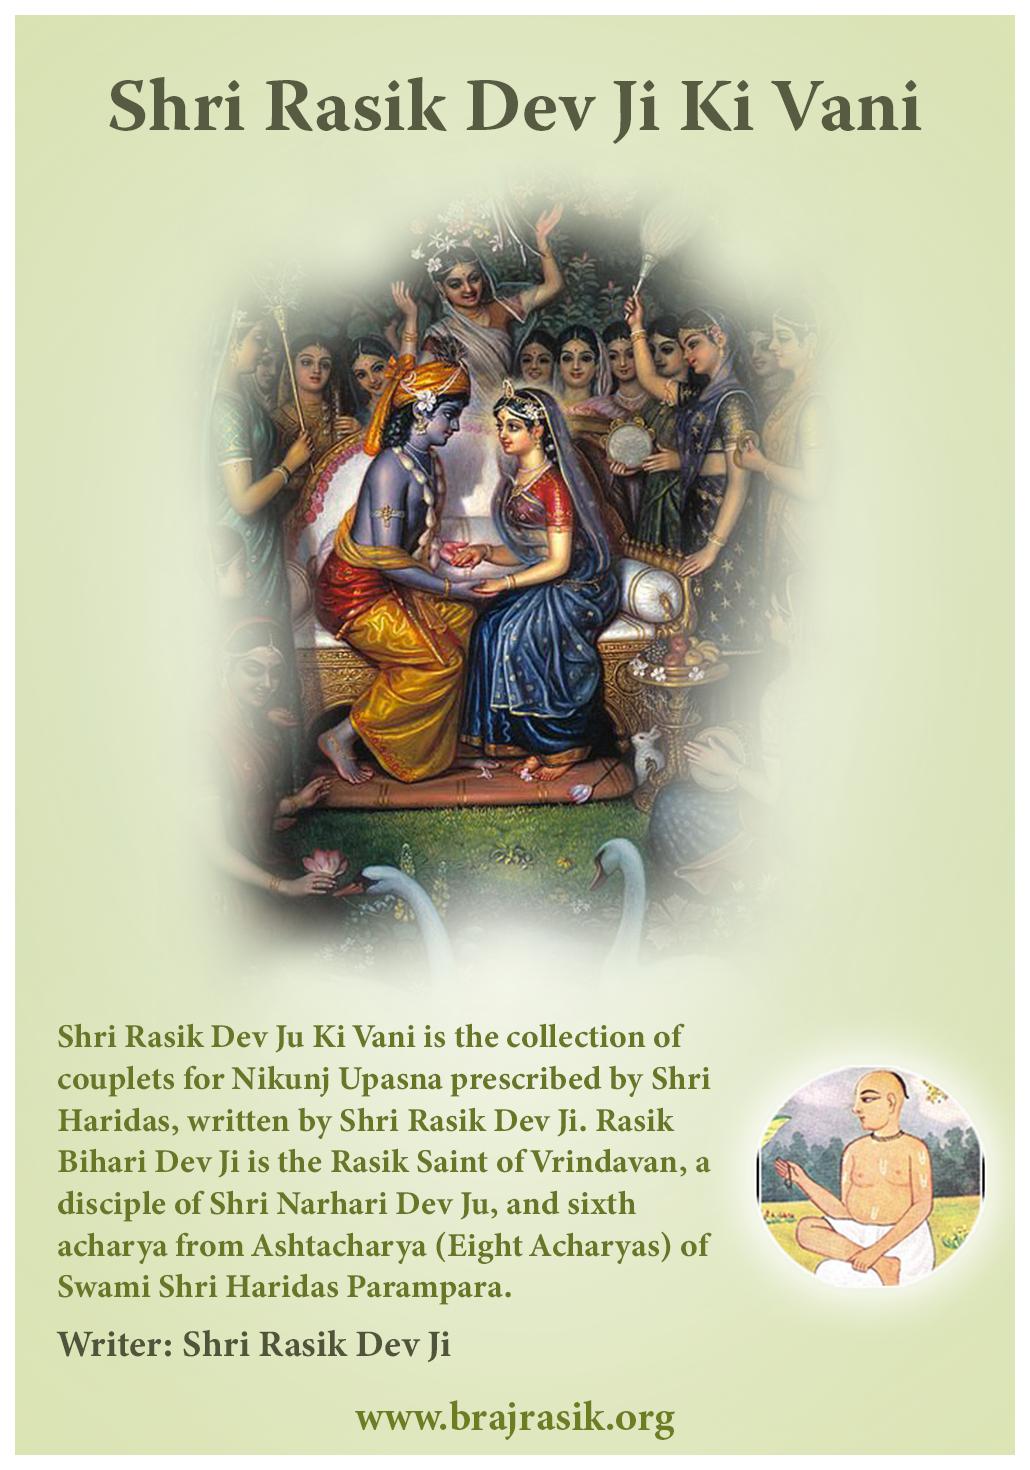 Shri Rasik Dev Ju Ki Vani